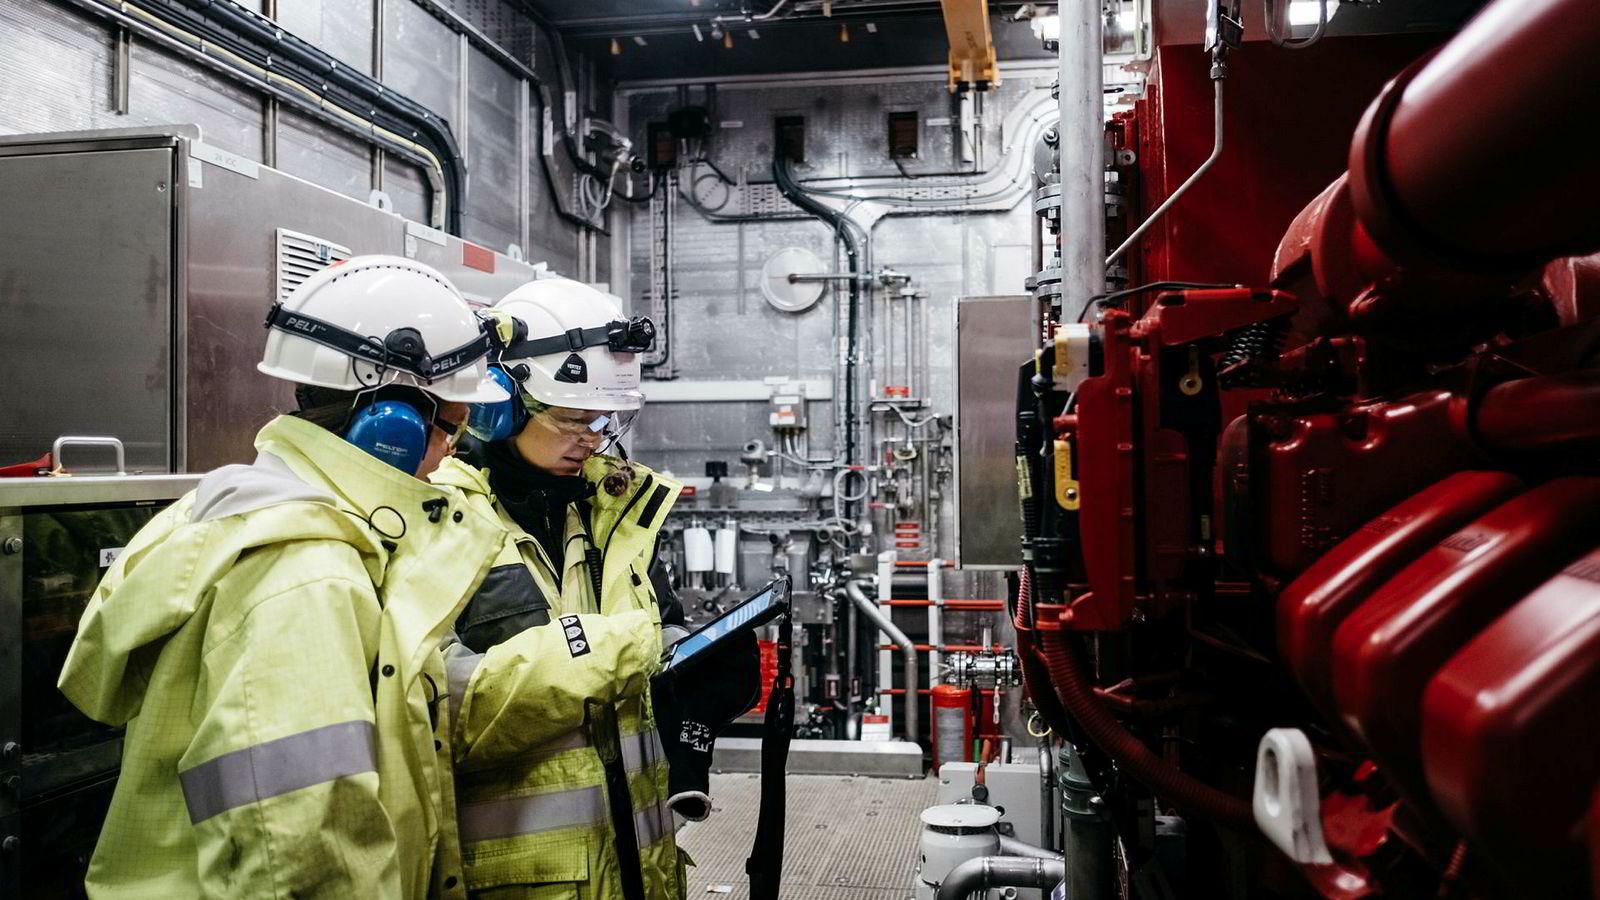 Prosessoperatørene Yvonne Calder og Linn Cecilie Rødland bruker Ipad og en digital tvilling av Johan Sverdrup-installasjonen for å lettere finne frem på den flunkende nye installasjonen i Nordsjøen.